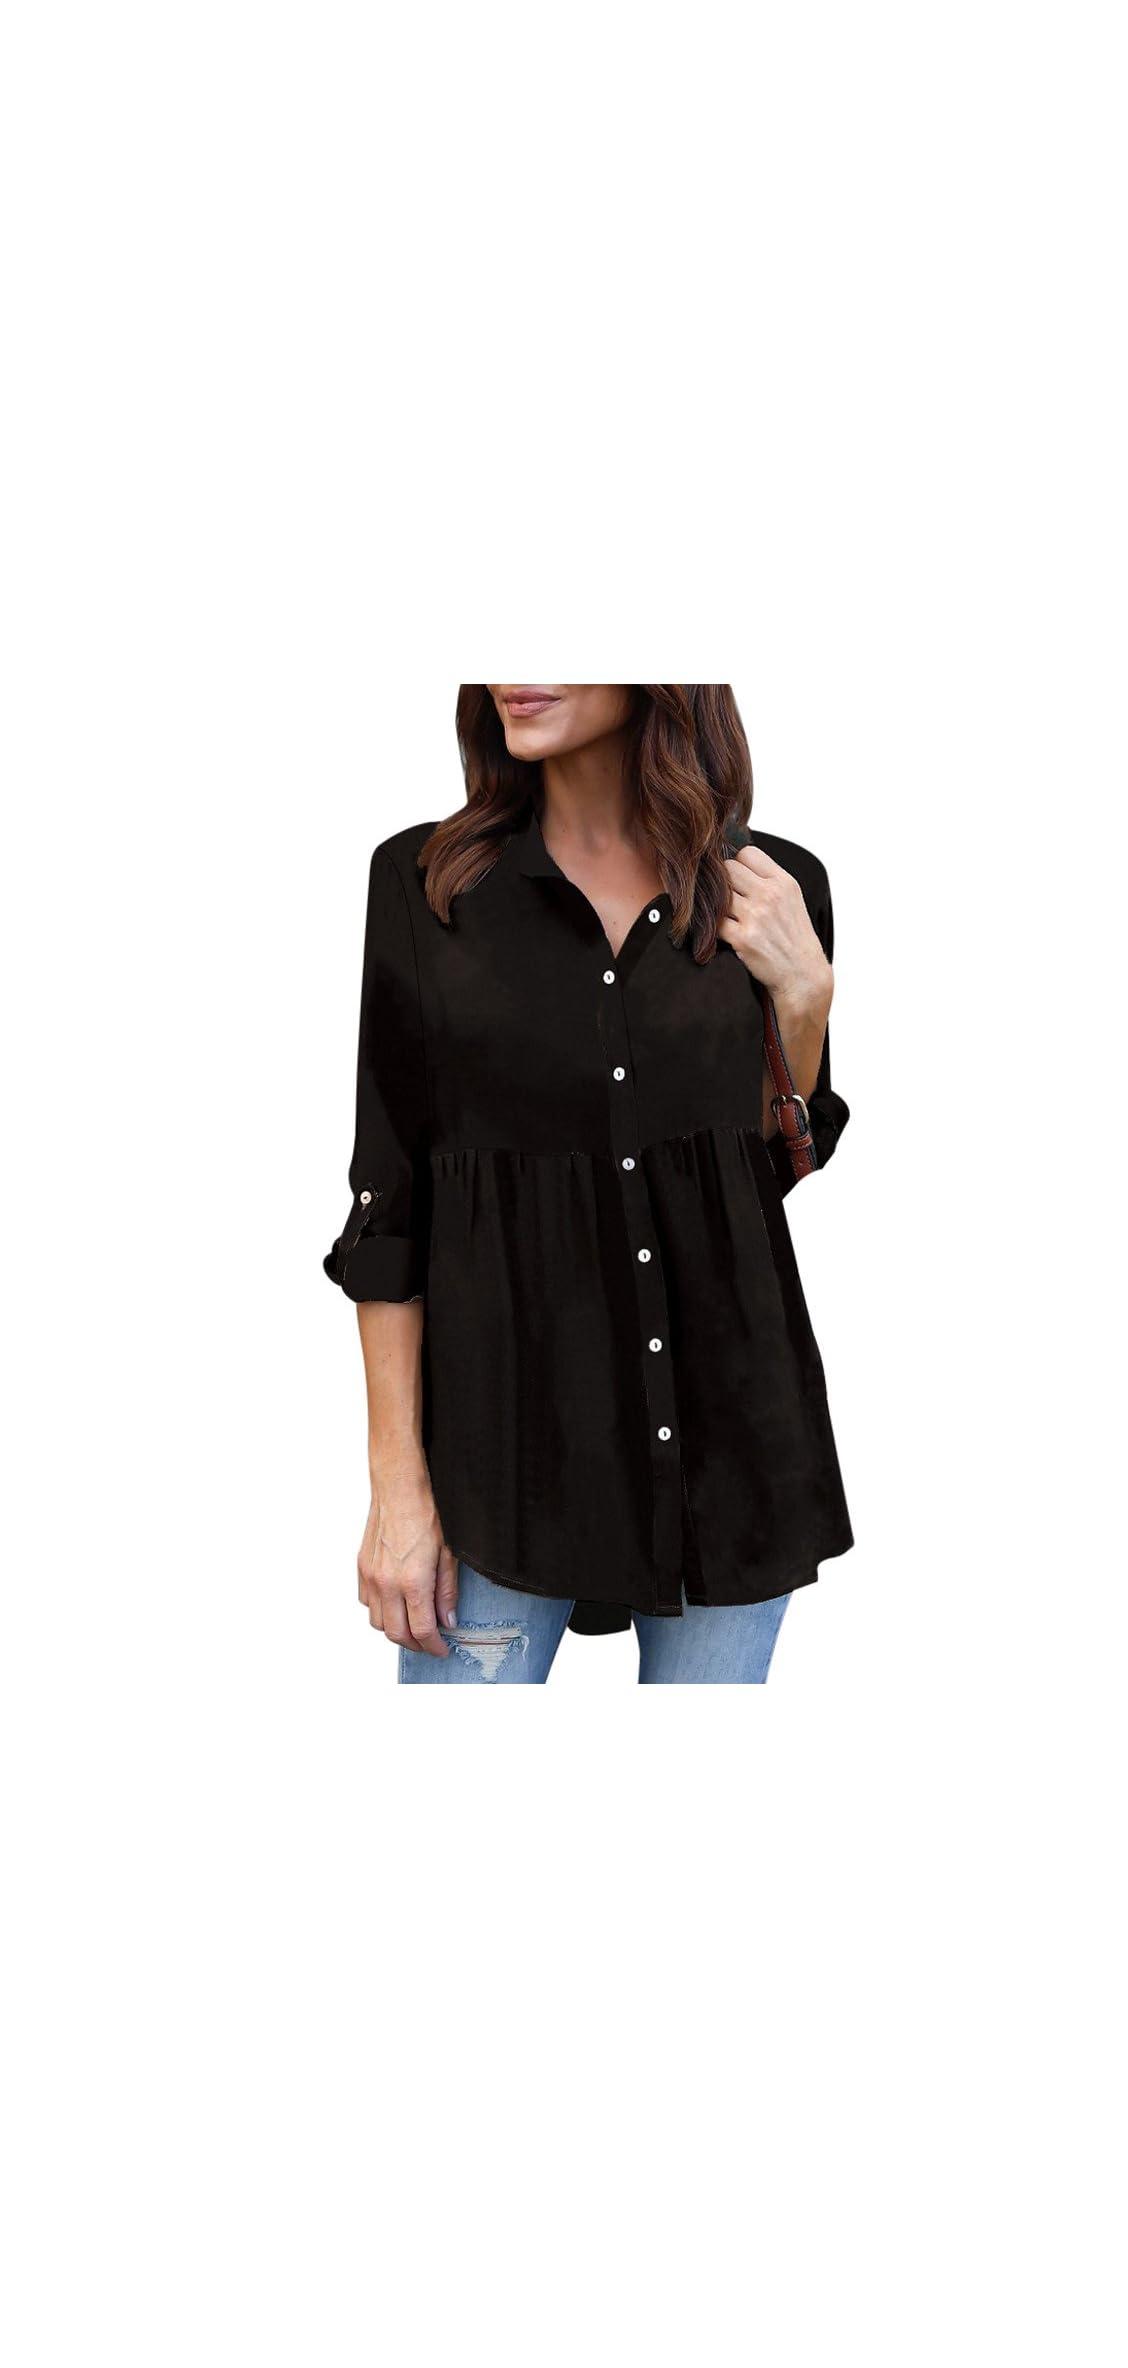 T-shirt Women Solid Plus Size Button Long Sleeve Chiffon